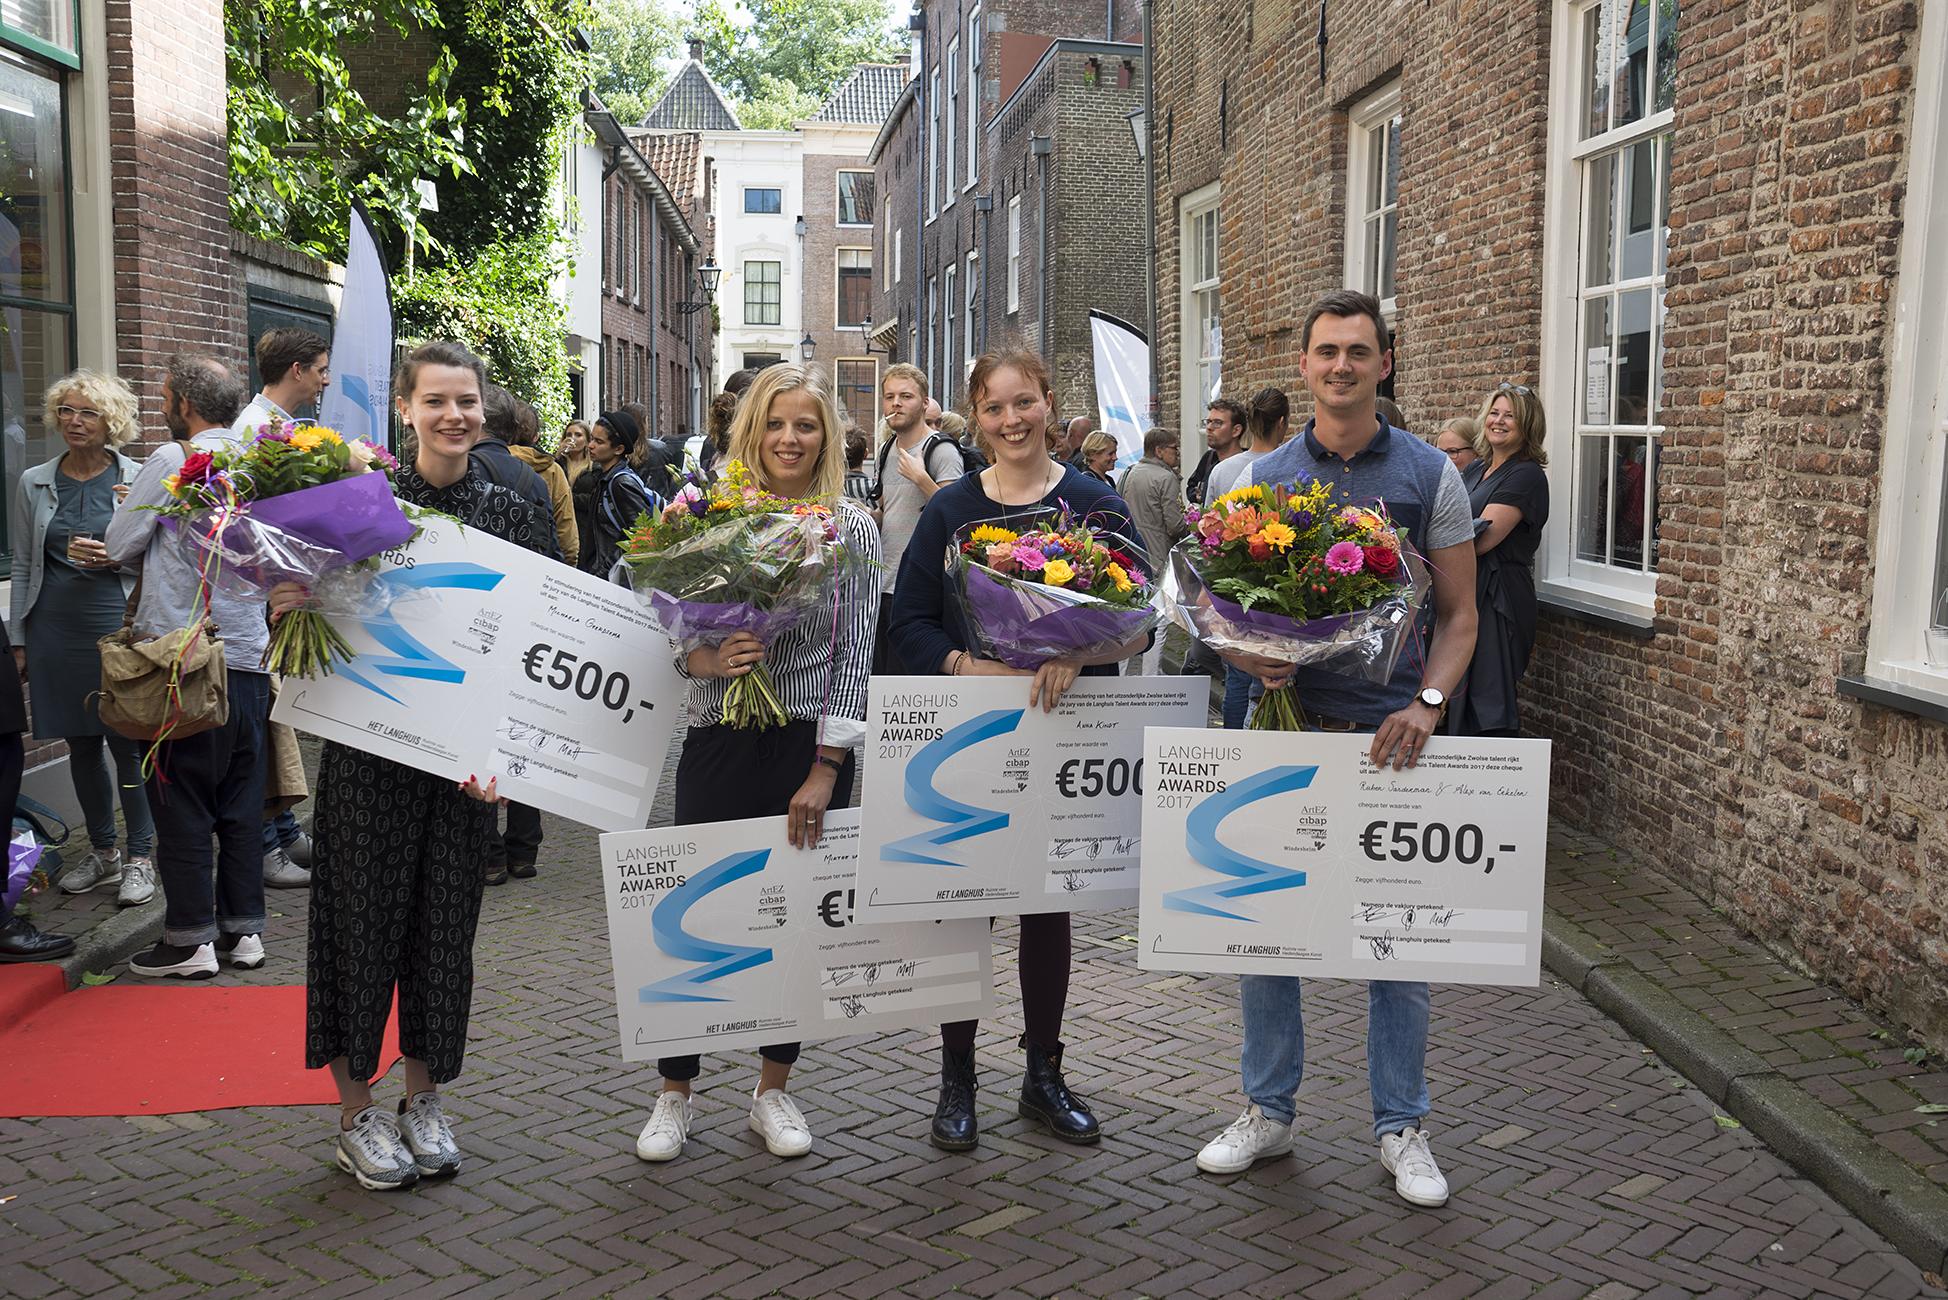 Winnaars het Langhuis talent awards 2017